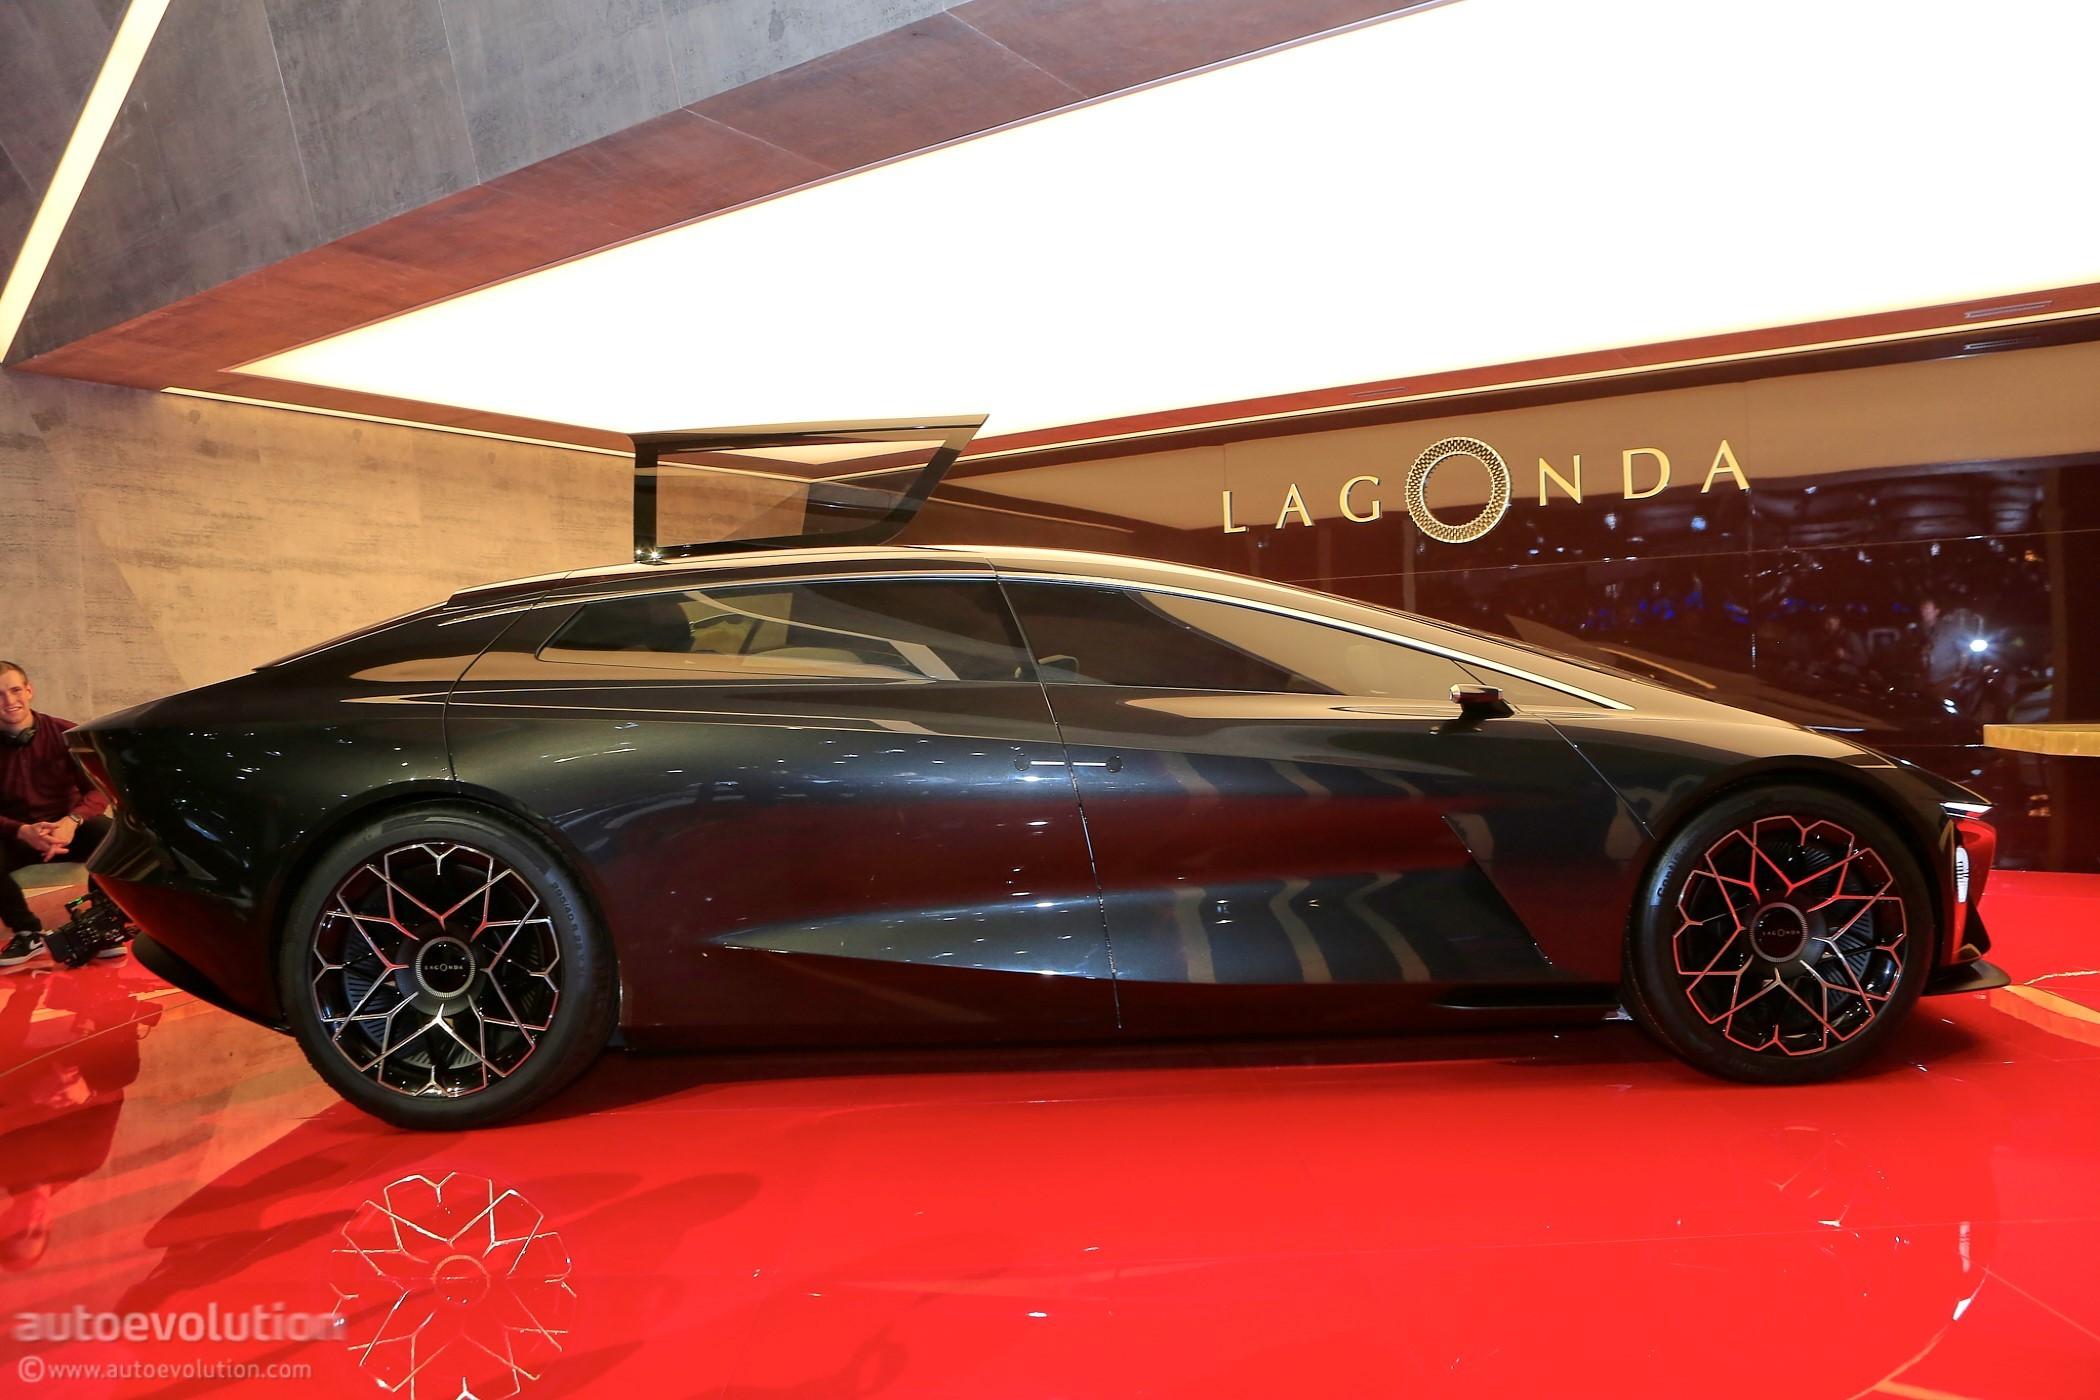 Aston Martin To Launch Lagonda Varekai Suv In 2021 Autoevolution